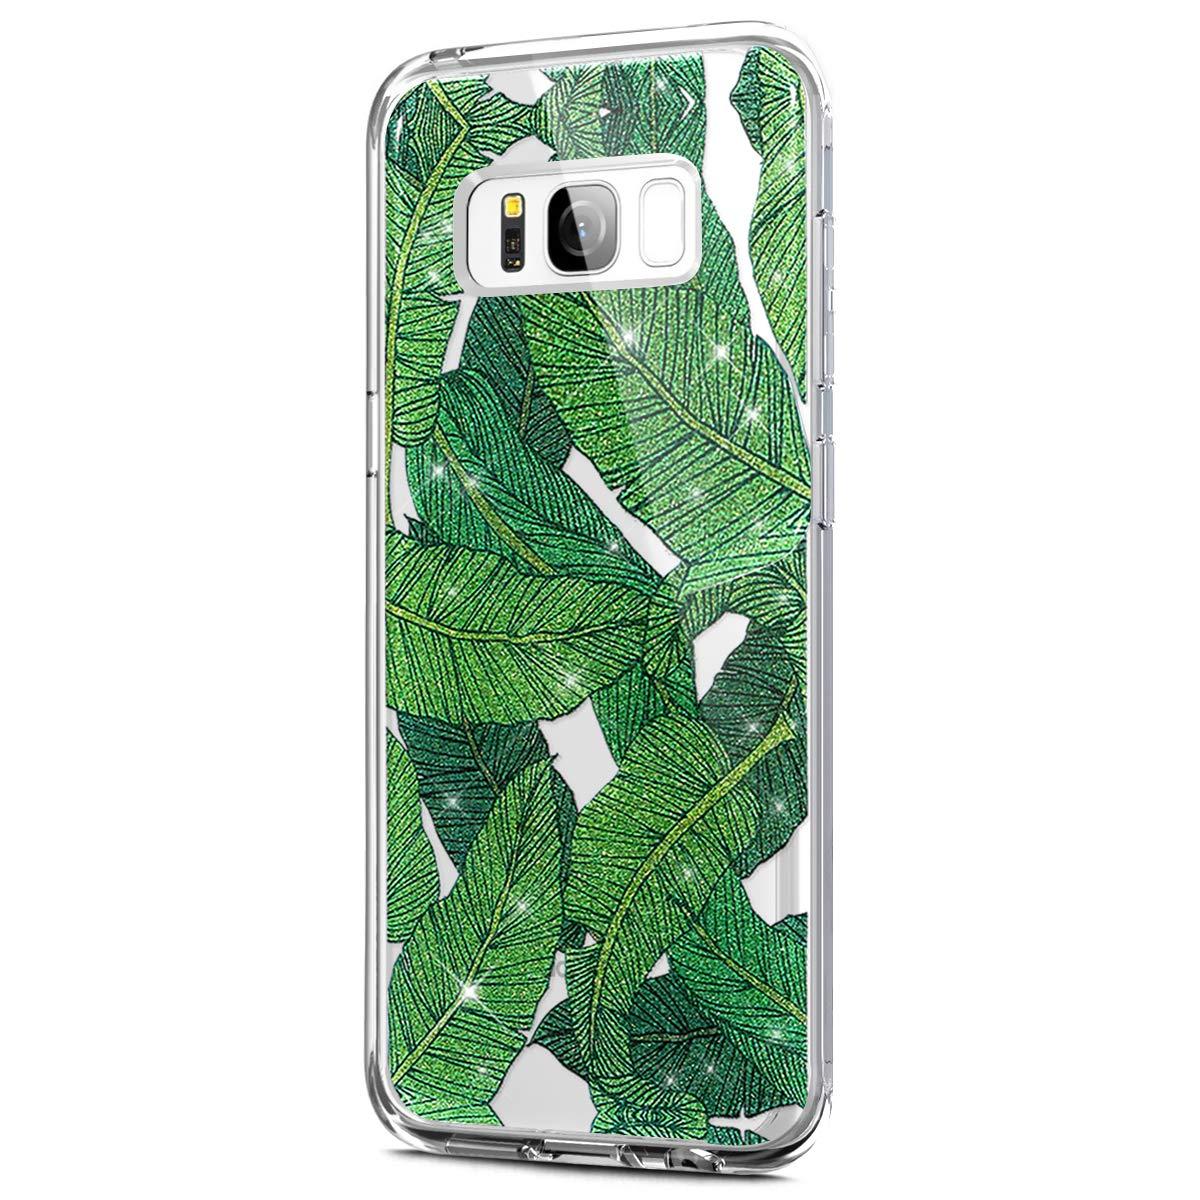 Galaxy S8 Plus Custodia, Samsung Galaxy S8 Plus Cover Silicone con Glitters / Brillantini, Surakey Morbida TPU Custodia Per Samsung Galaxy S8 Plus Bumper Case Transparent Gomma con Disegni di Mandala Rose Fiori Fenicotteri Bling Paillettes Thin Fit Skin Sh